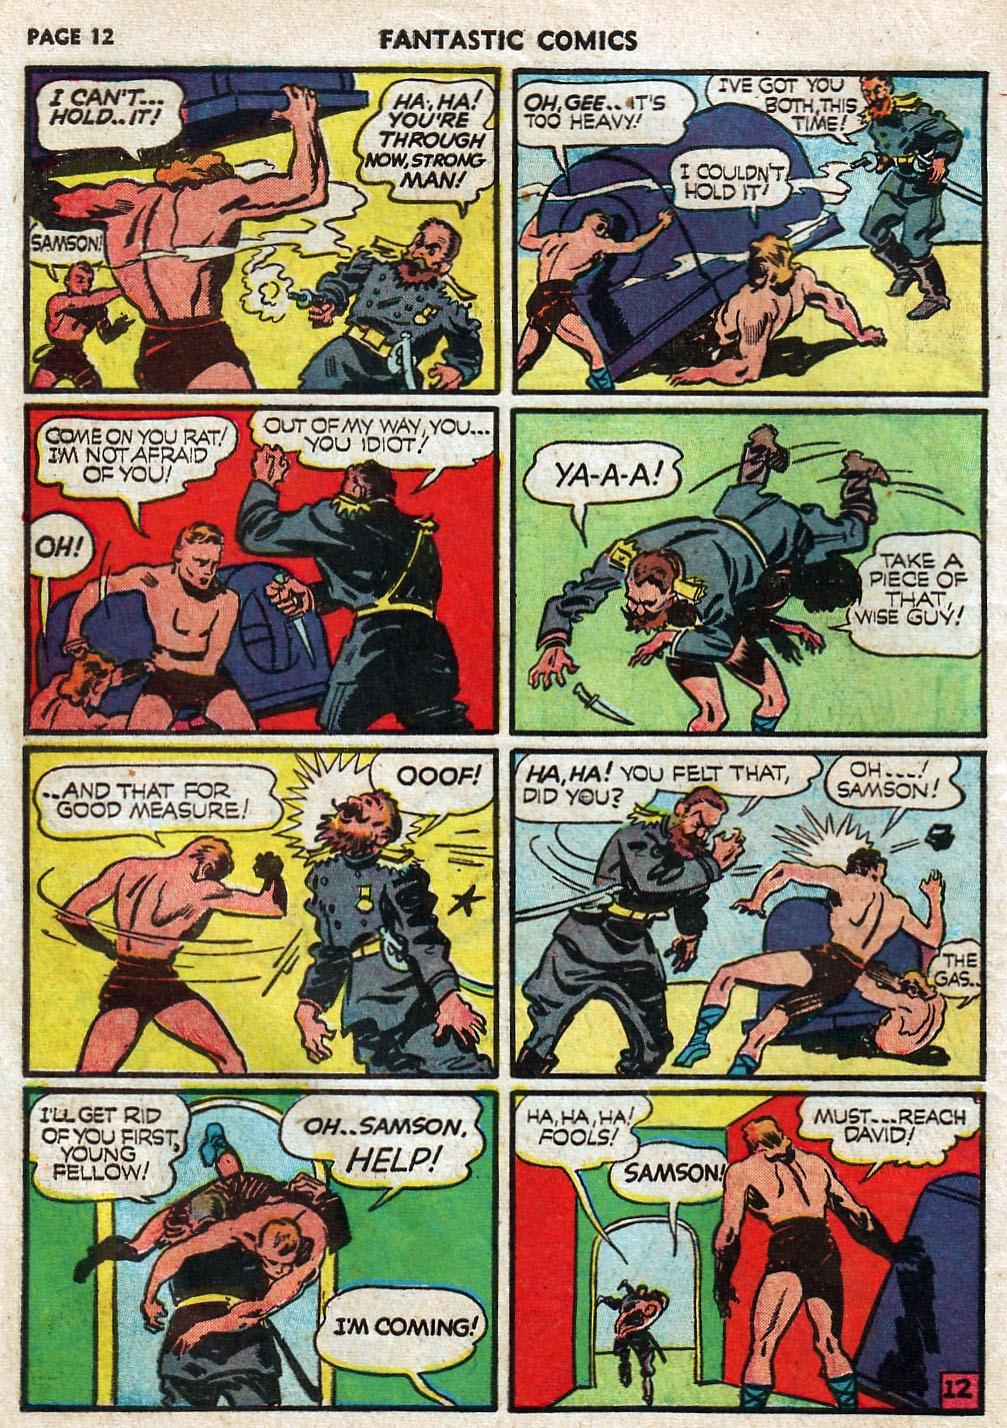 Read online Fantastic Comics comic -  Issue #17 - 14